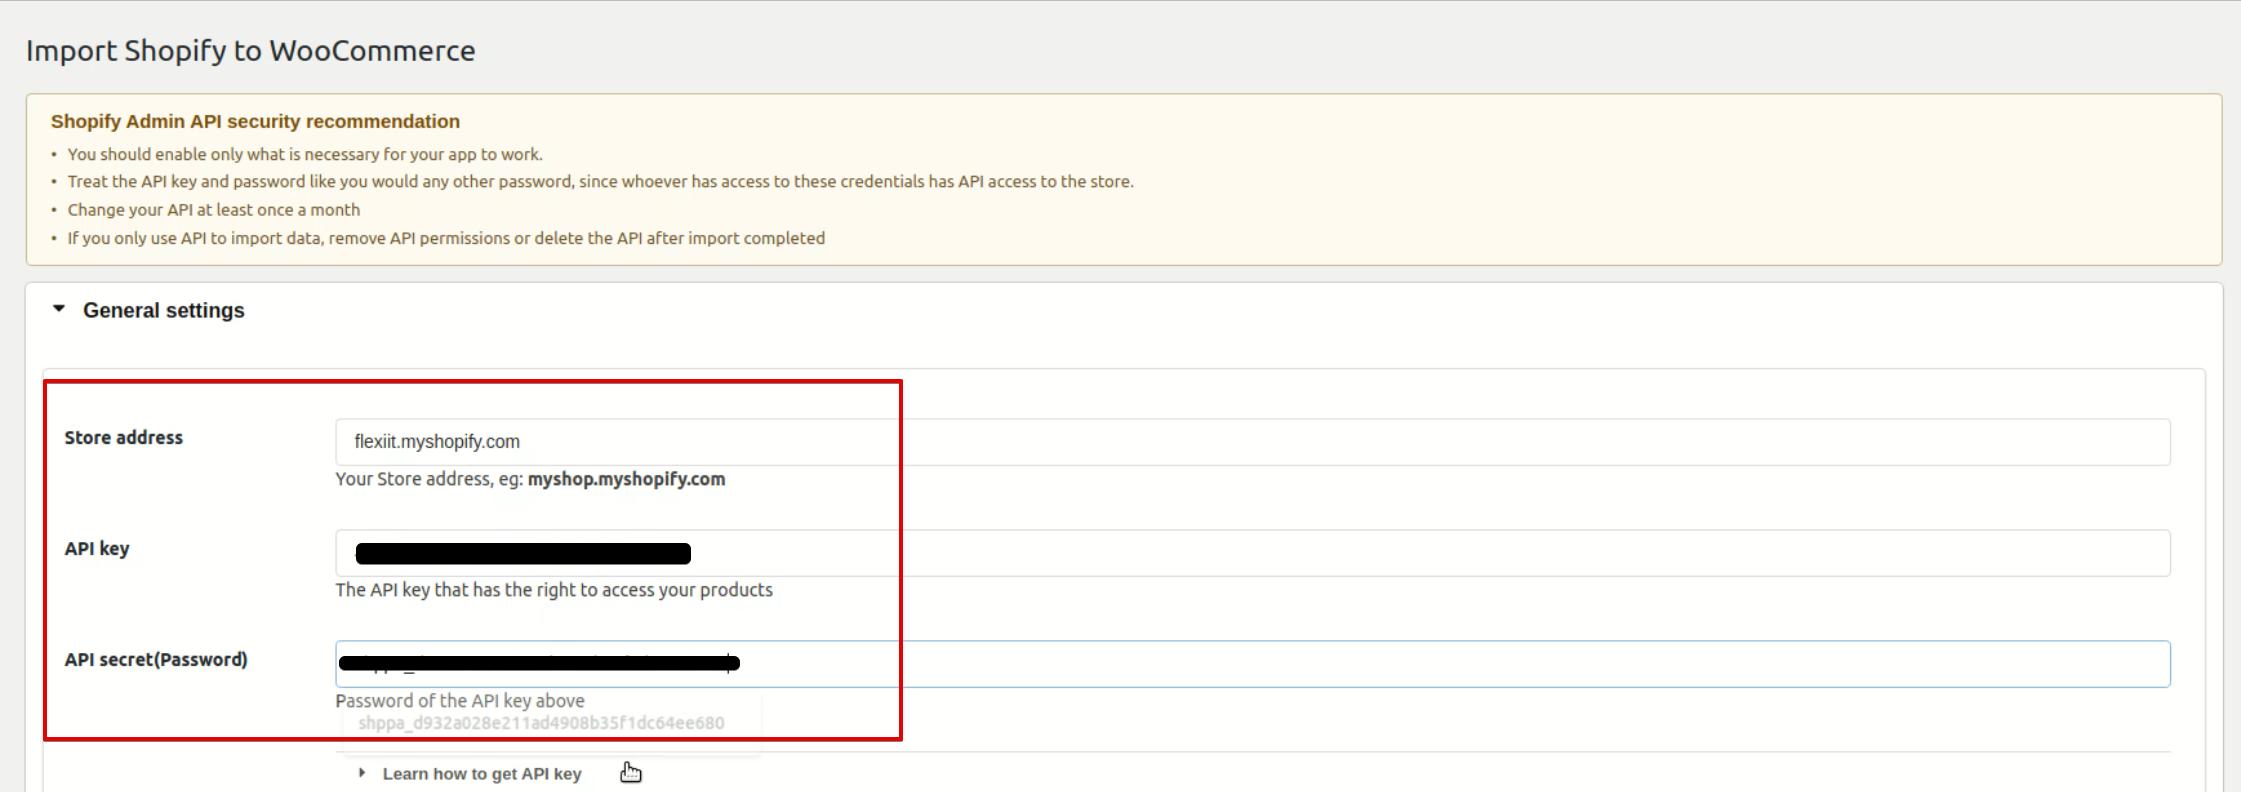 Shopify store's URL, API key, and API secret (password)